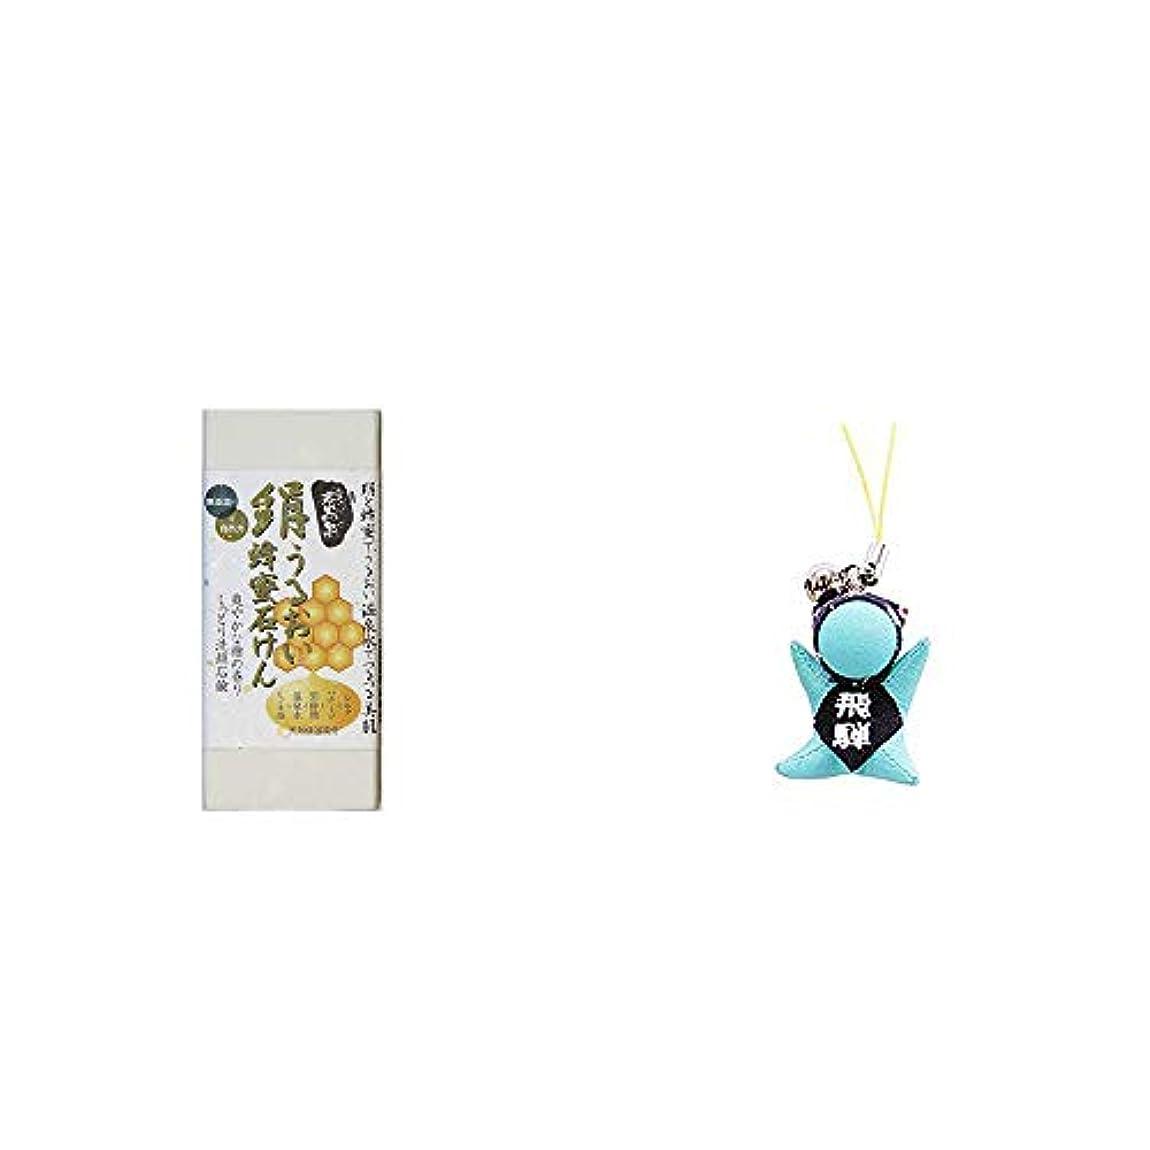 瀬戸際かどうか部屋を掃除する[2点セット] ひのき炭黒泉 絹うるおい蜂蜜石けん(75g×2)?さるぼぼ幸福ストラップ 【青】 / 風水カラー全9種類 合格祈願?出世祈願 お守り//